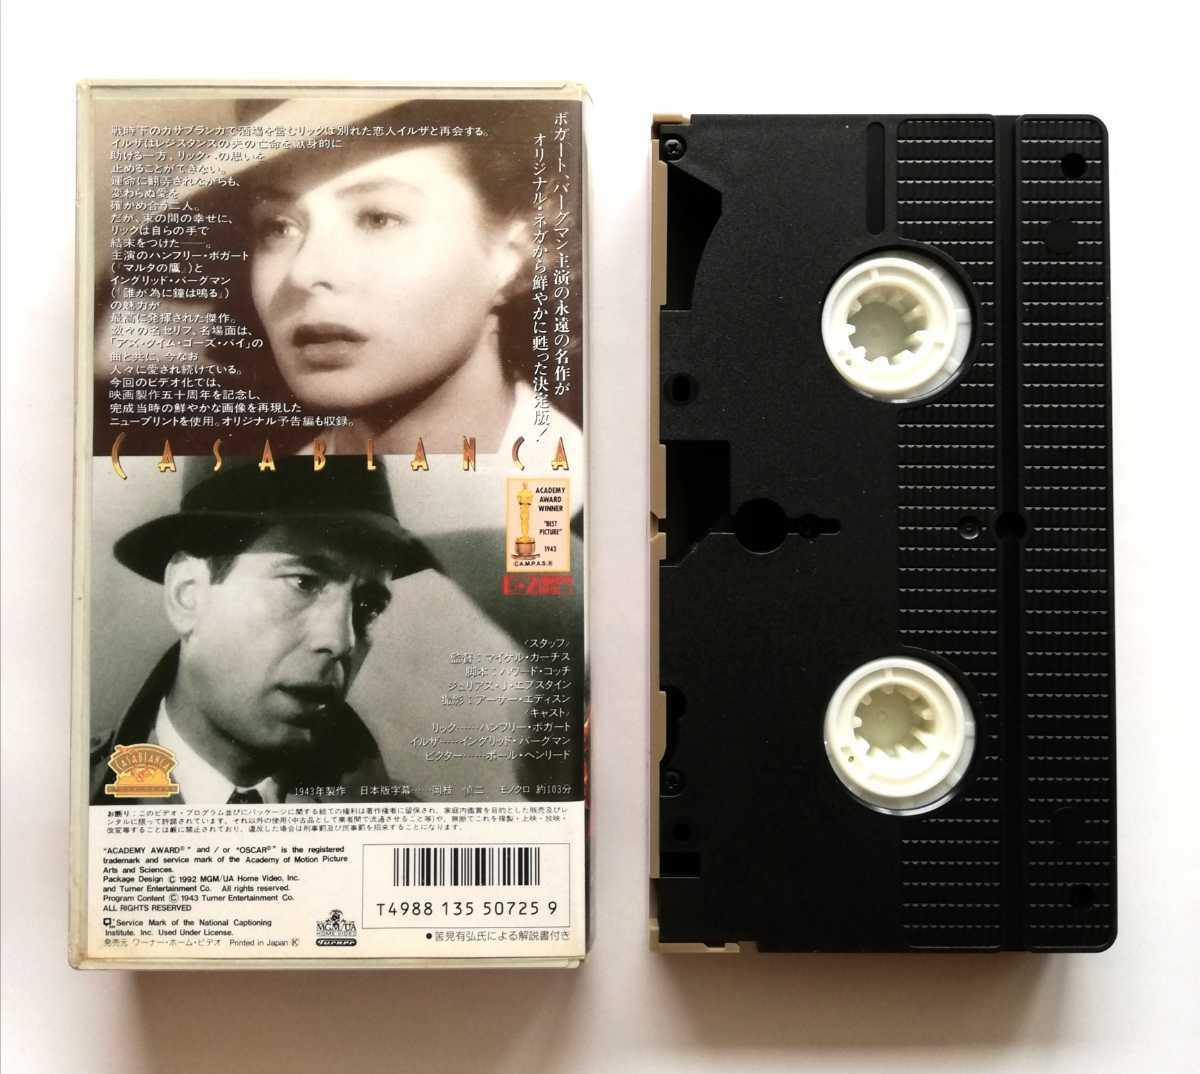 タイタニック TITANIC ゴースト カサブランカ まとめてお得♪ ジェームズ・キャメロン レオナルド・ディカプリオ VHS ビデオテープ_画像10